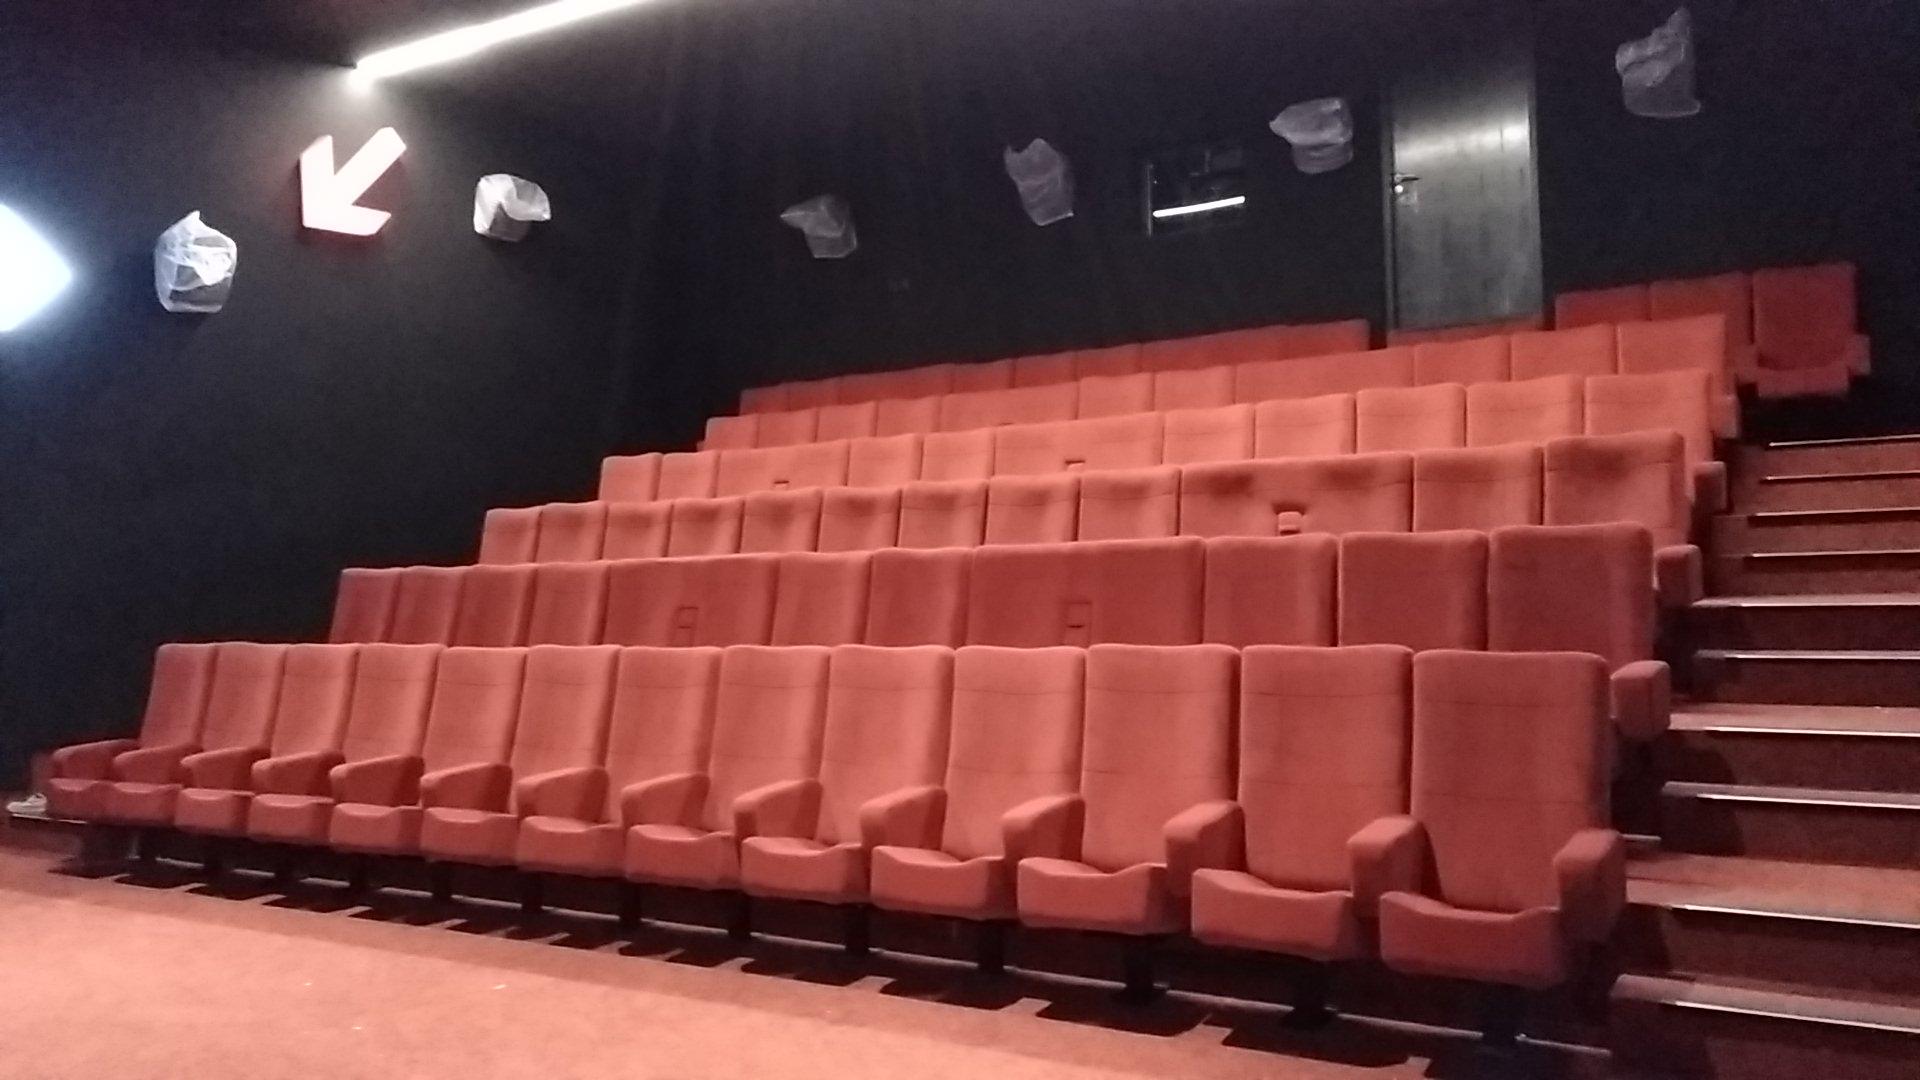 Kleslo - fauteuil Inertie - Leader de fabrication de fauteuils cinéma, théâtre ... Cinéma confluence sablé sur Sarthe v1